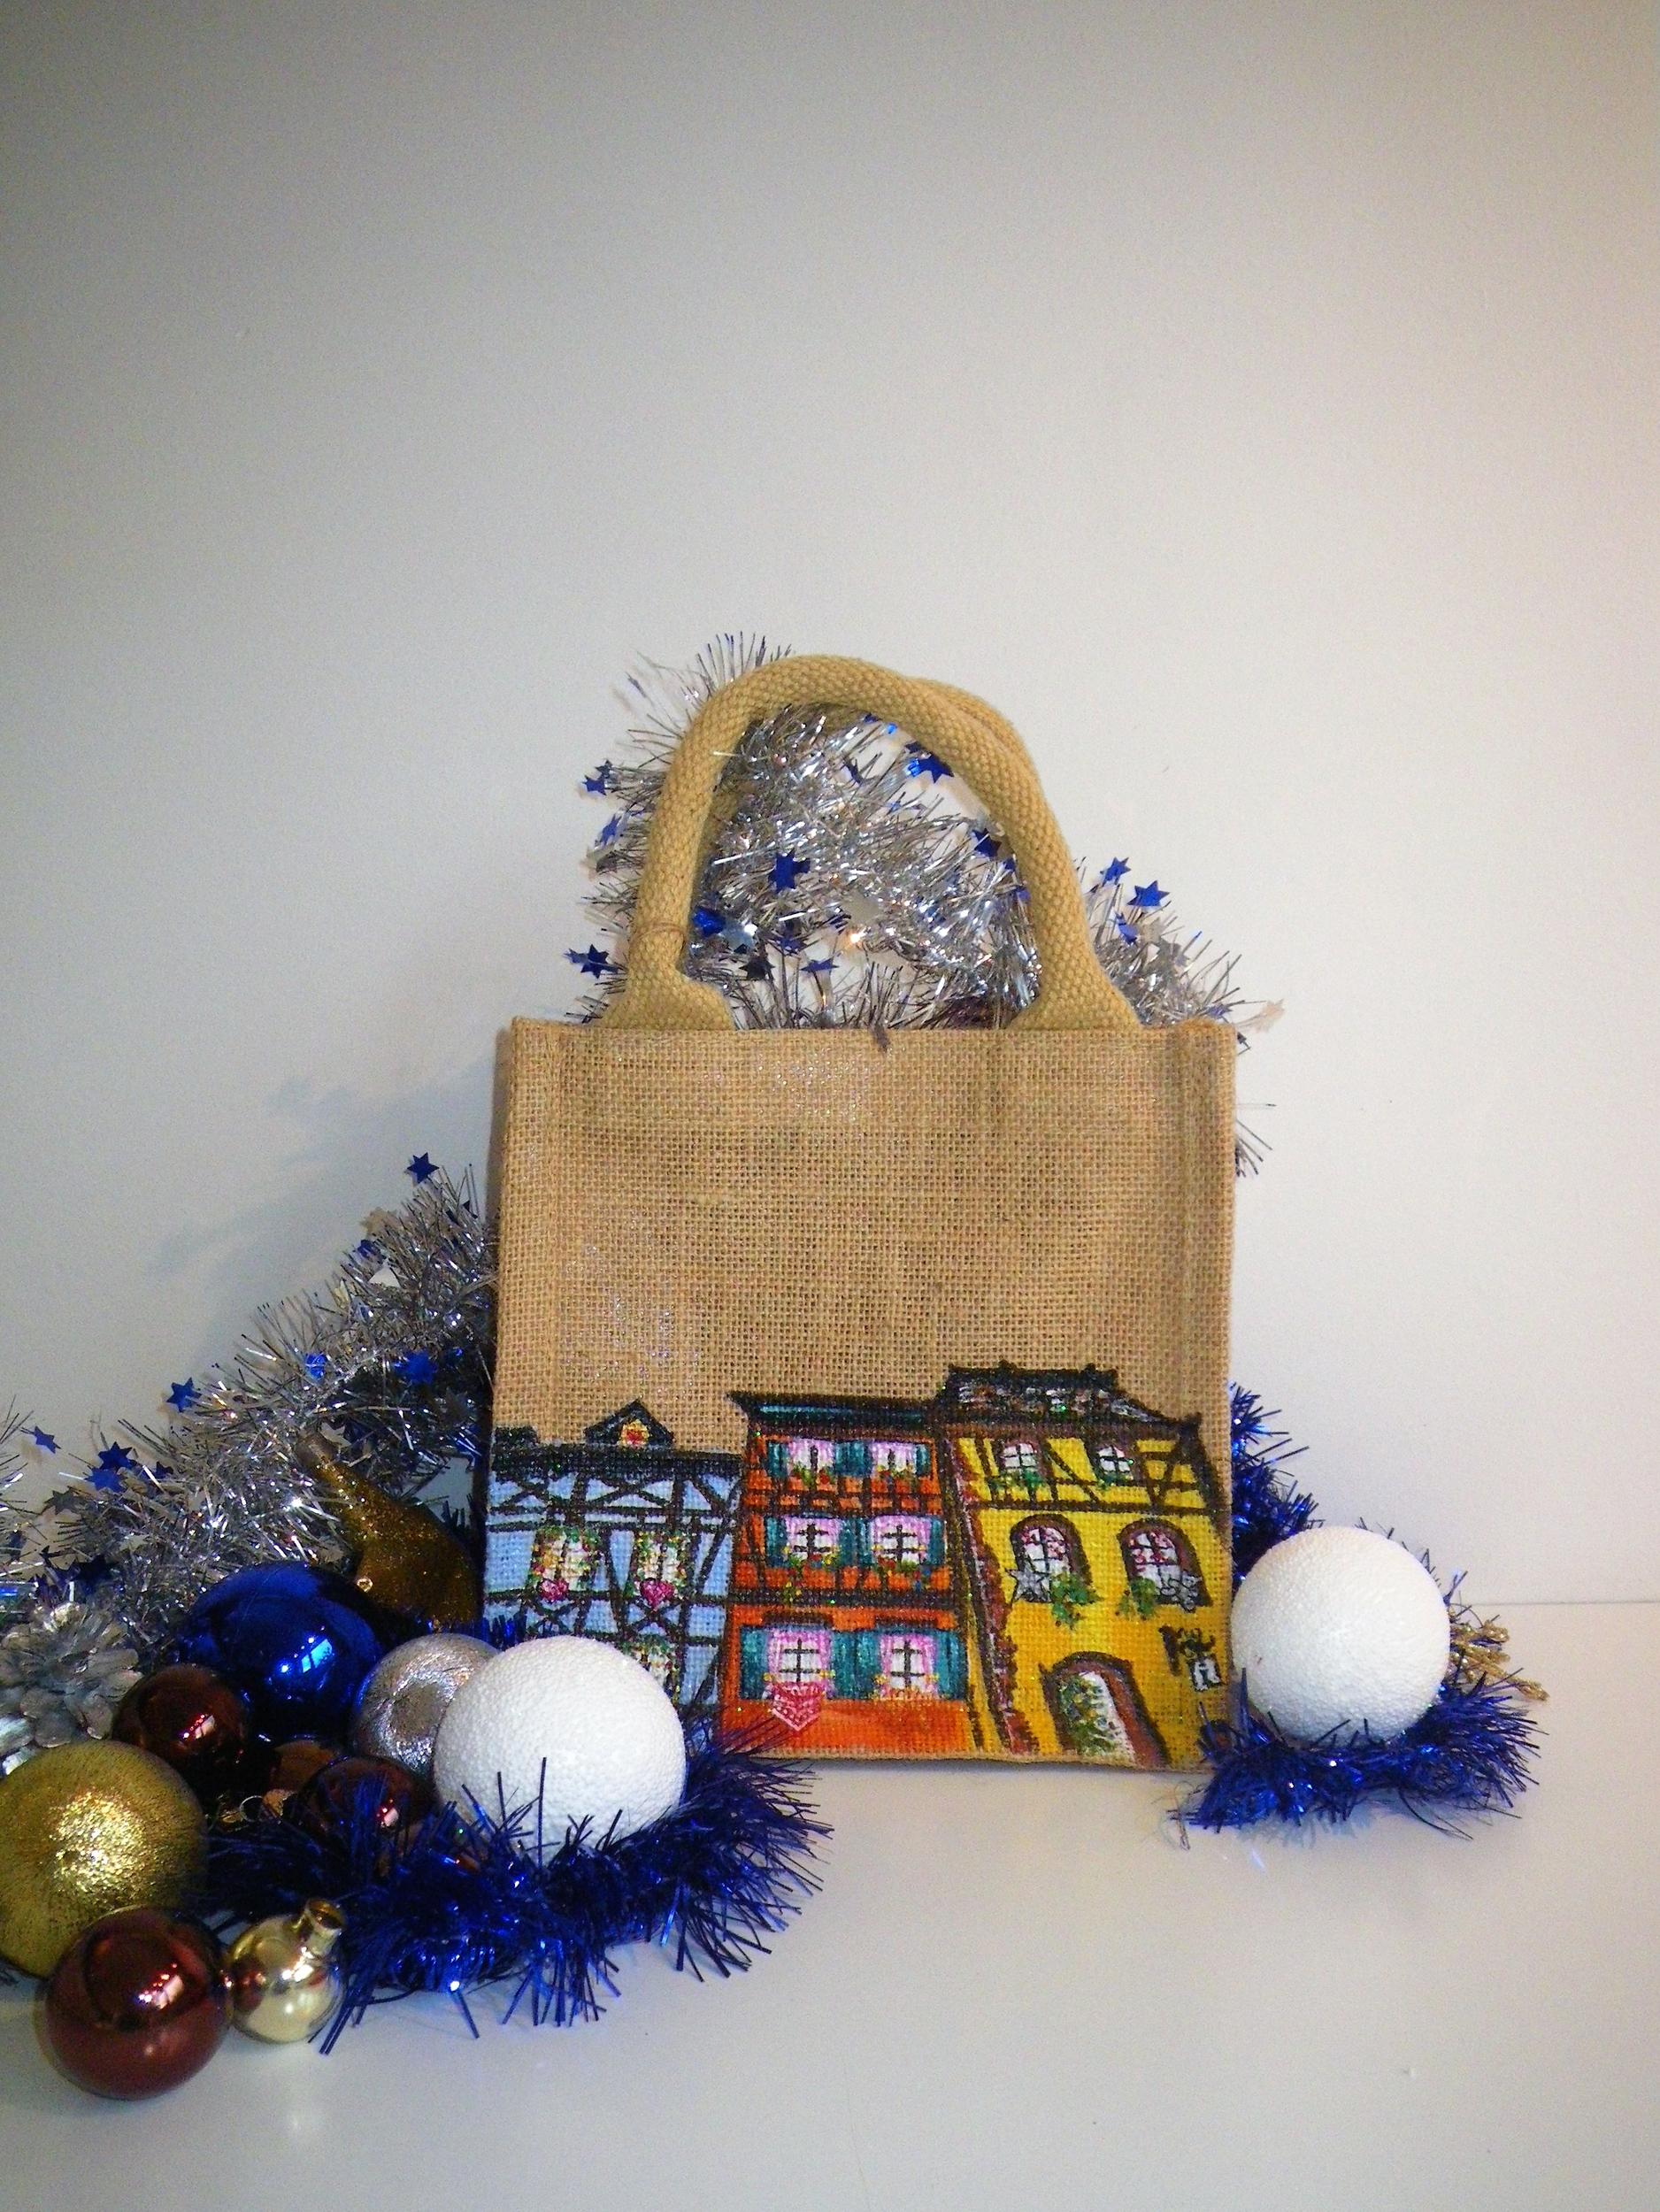 Sac en jute XS avec maisons alsaciennes de Noël